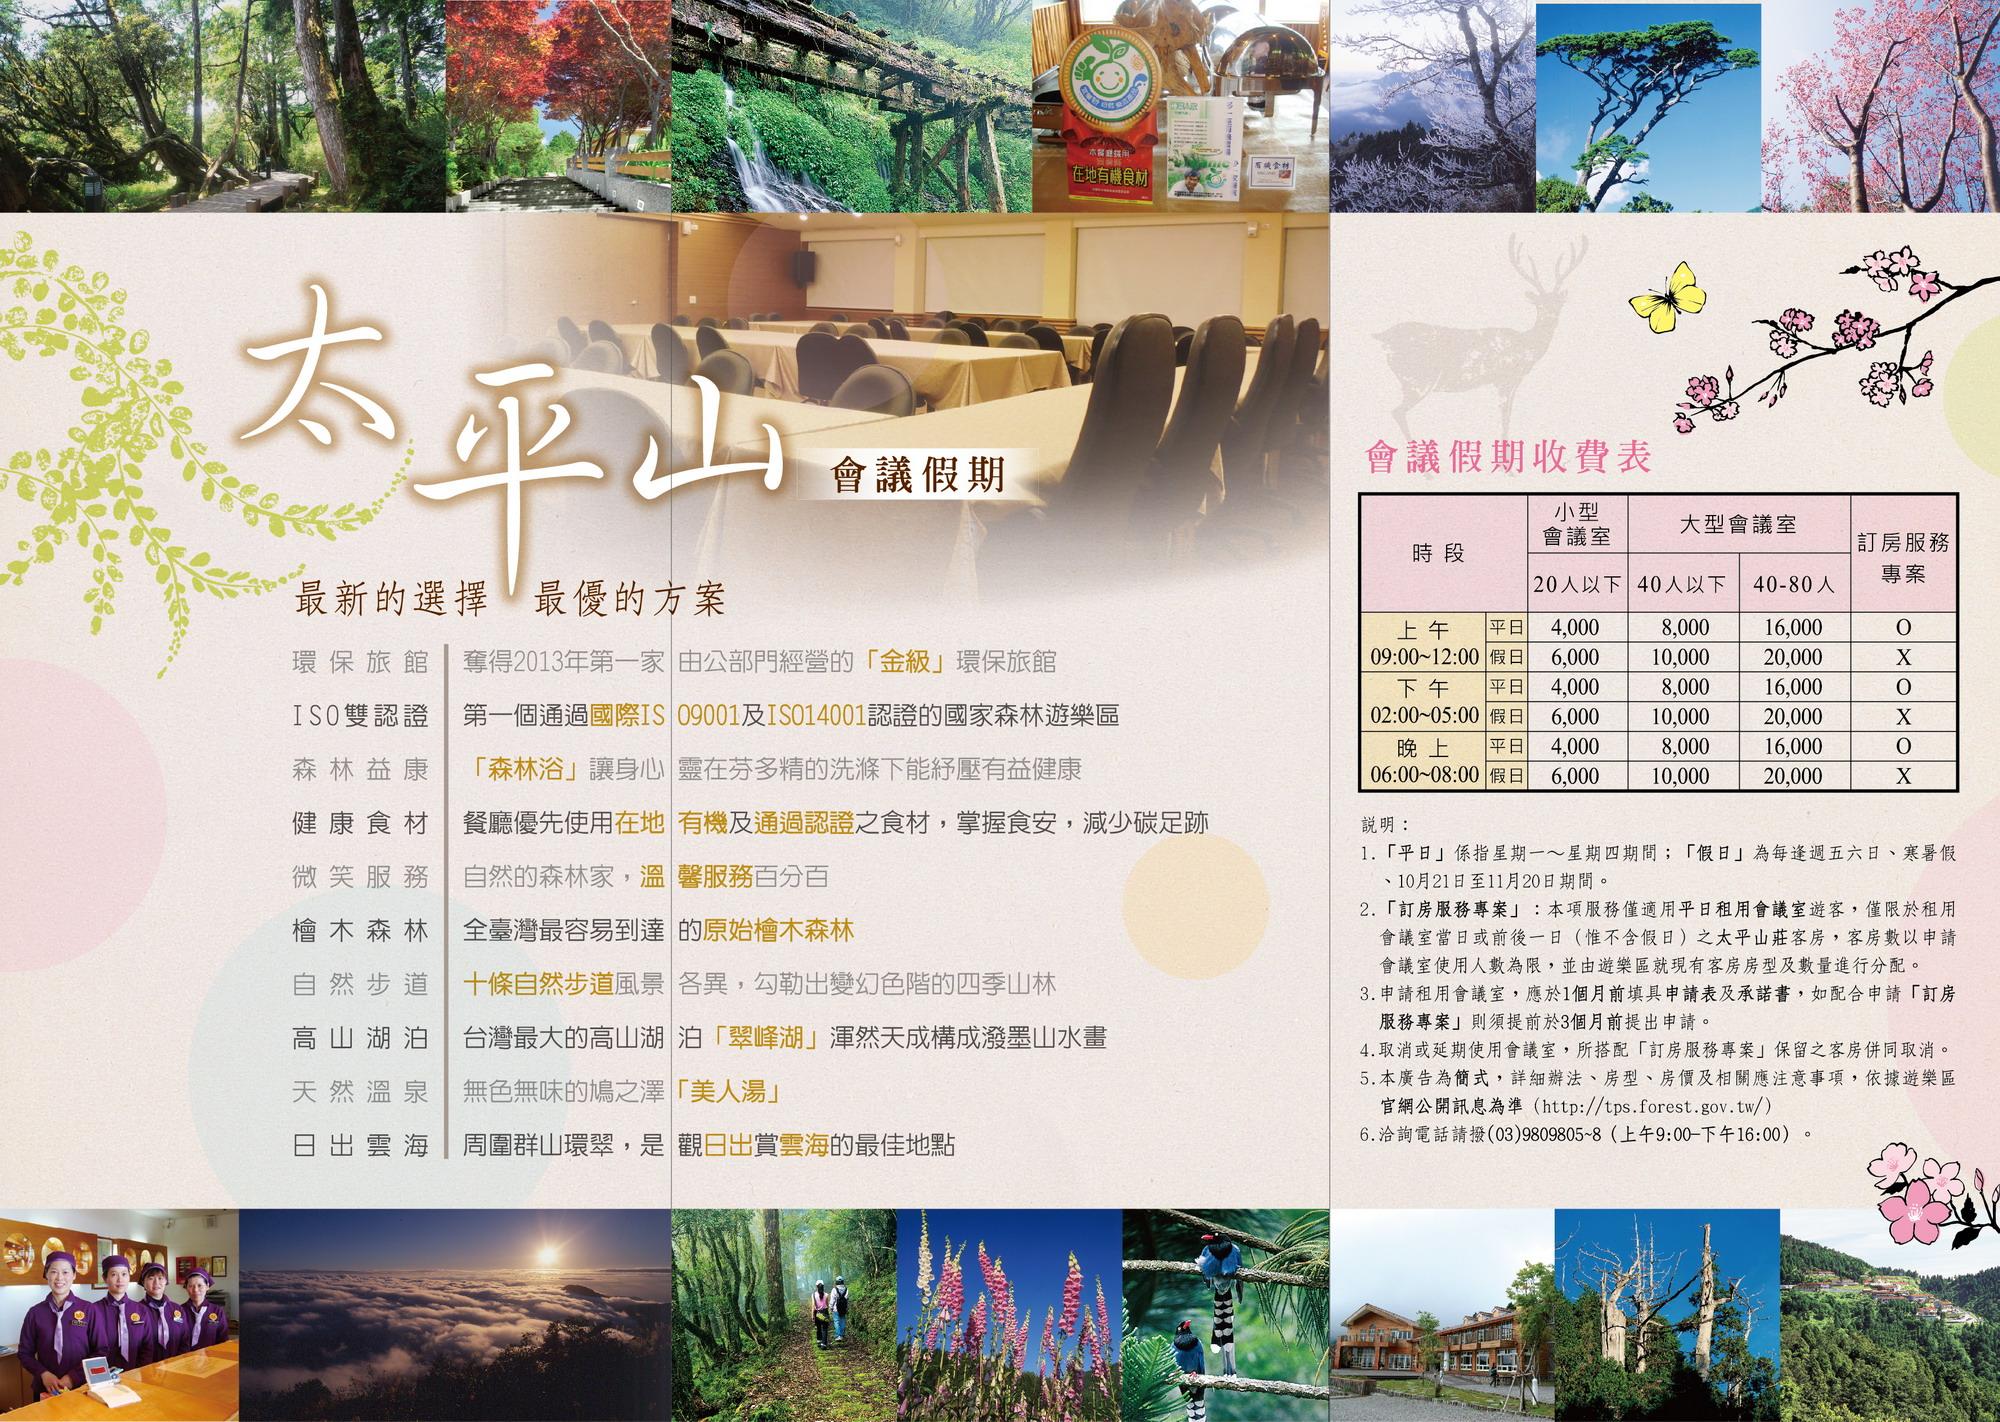 太平山會議假期DM收費表,費用上述有說明